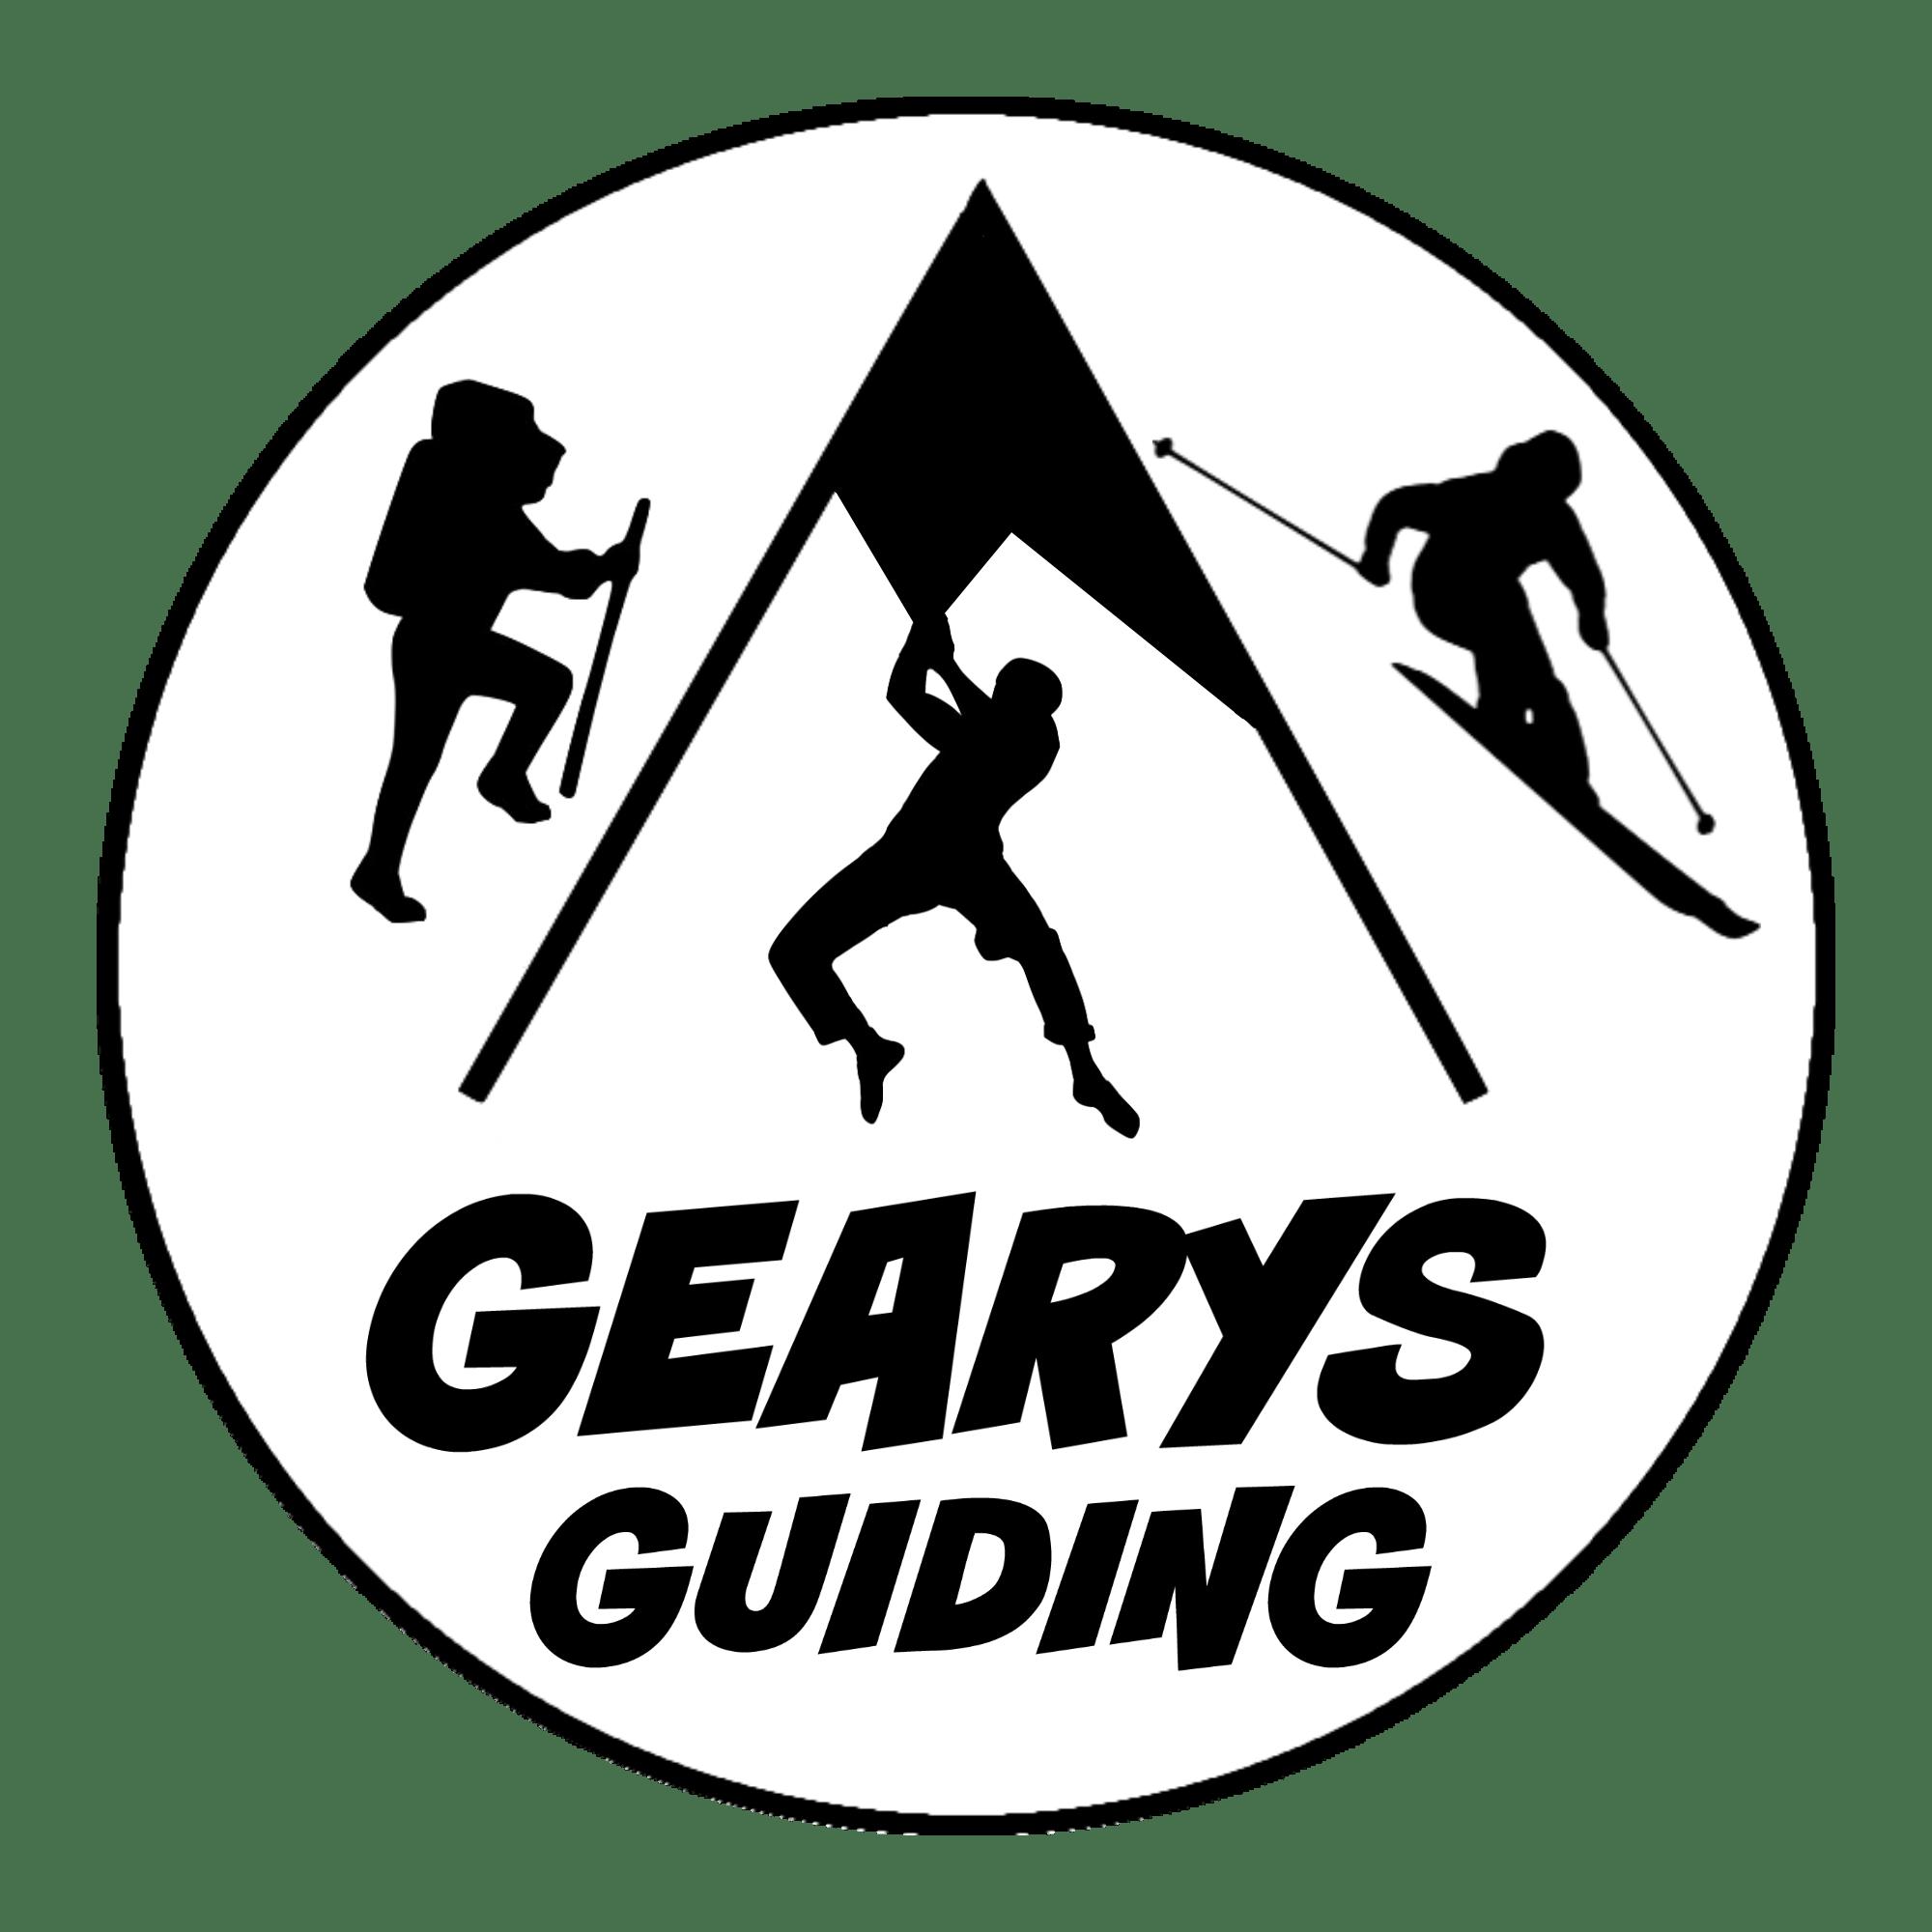 GEARYS GUIDING